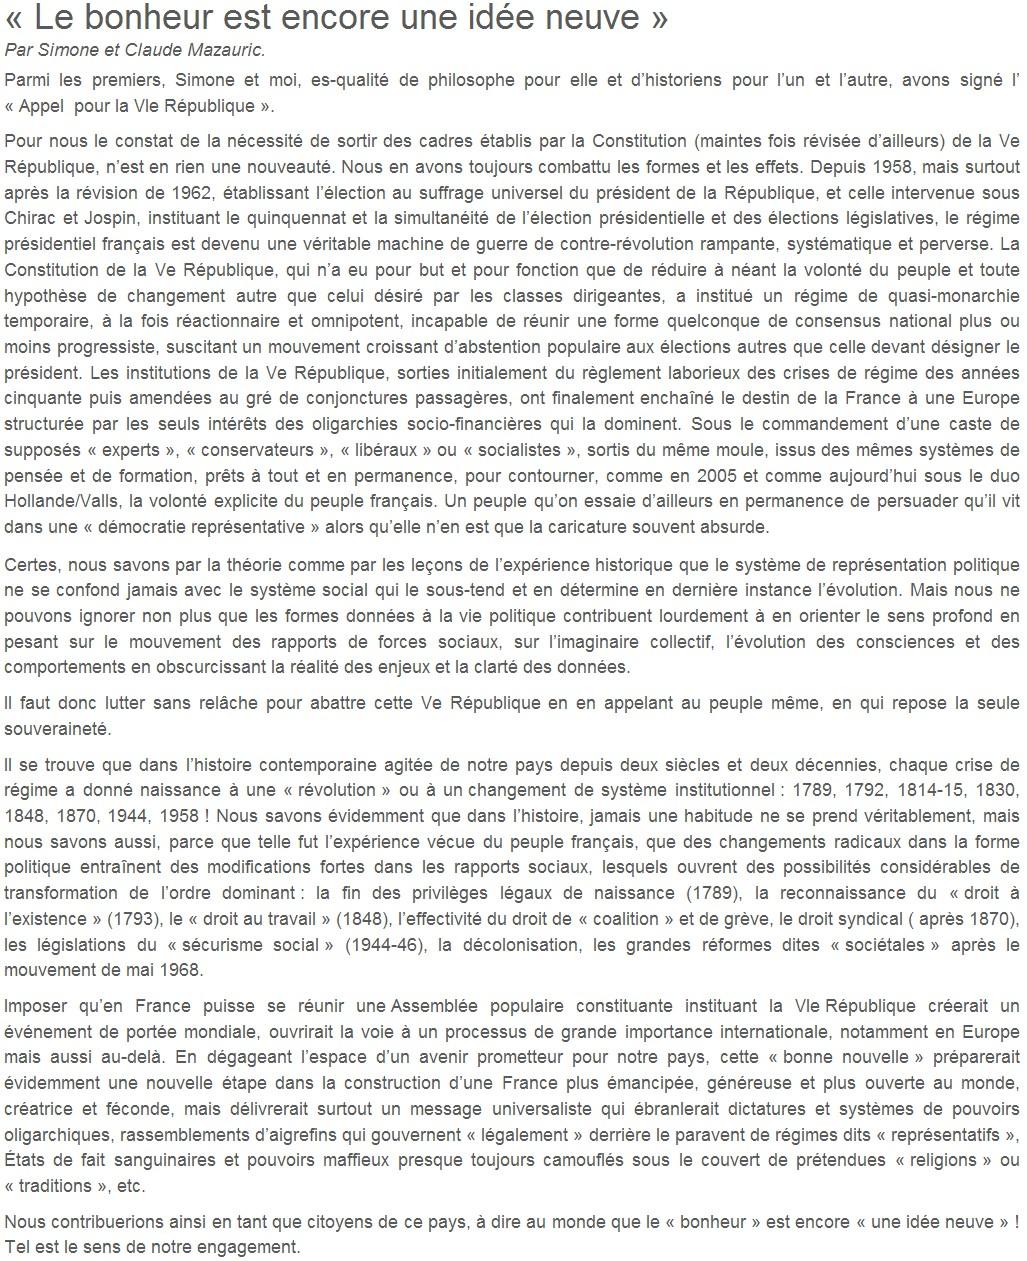 Je signe pour la 6e République + Déclaration de Marie George Buffet + Diverses signatures et appels (politiques, associatifs, intellectuels), signatures collectives (Socialistes affligés, militants PCF, Nouvelle Donne, syndicalistes)  14101709404717936712619925